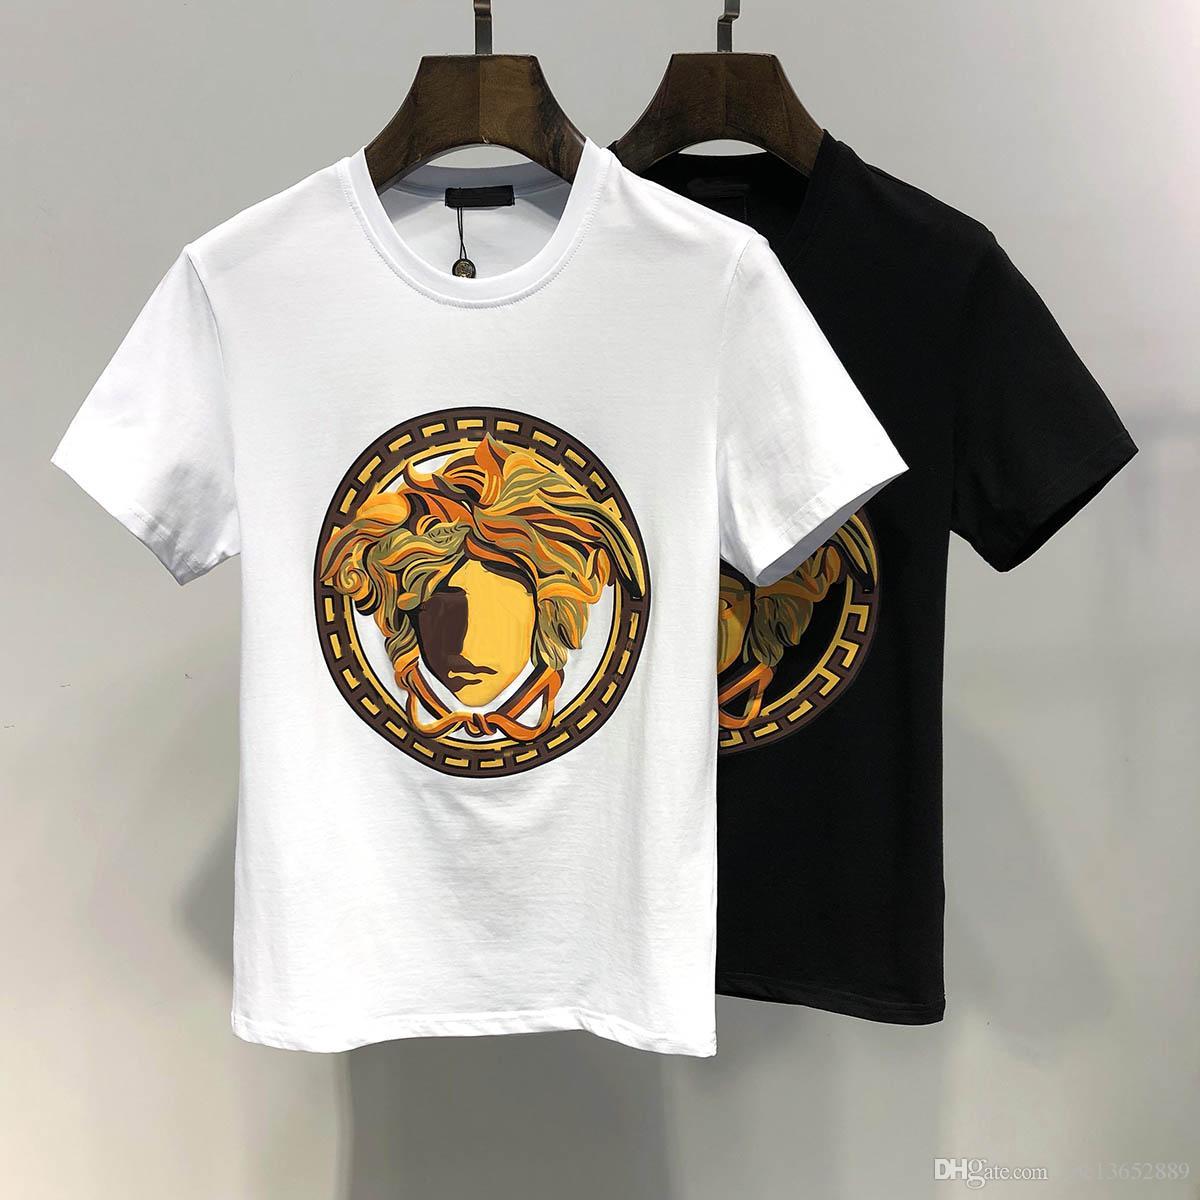 Compre 2019VERSAC Diseñador De La Marca De Moda De Lujo Camiseta Hip Hop  Ropa Para Hombre Blanca Camisetas Casuales Para Hombres Con Letras Impreso  Tamaño ... 1f8b428b6e4e1